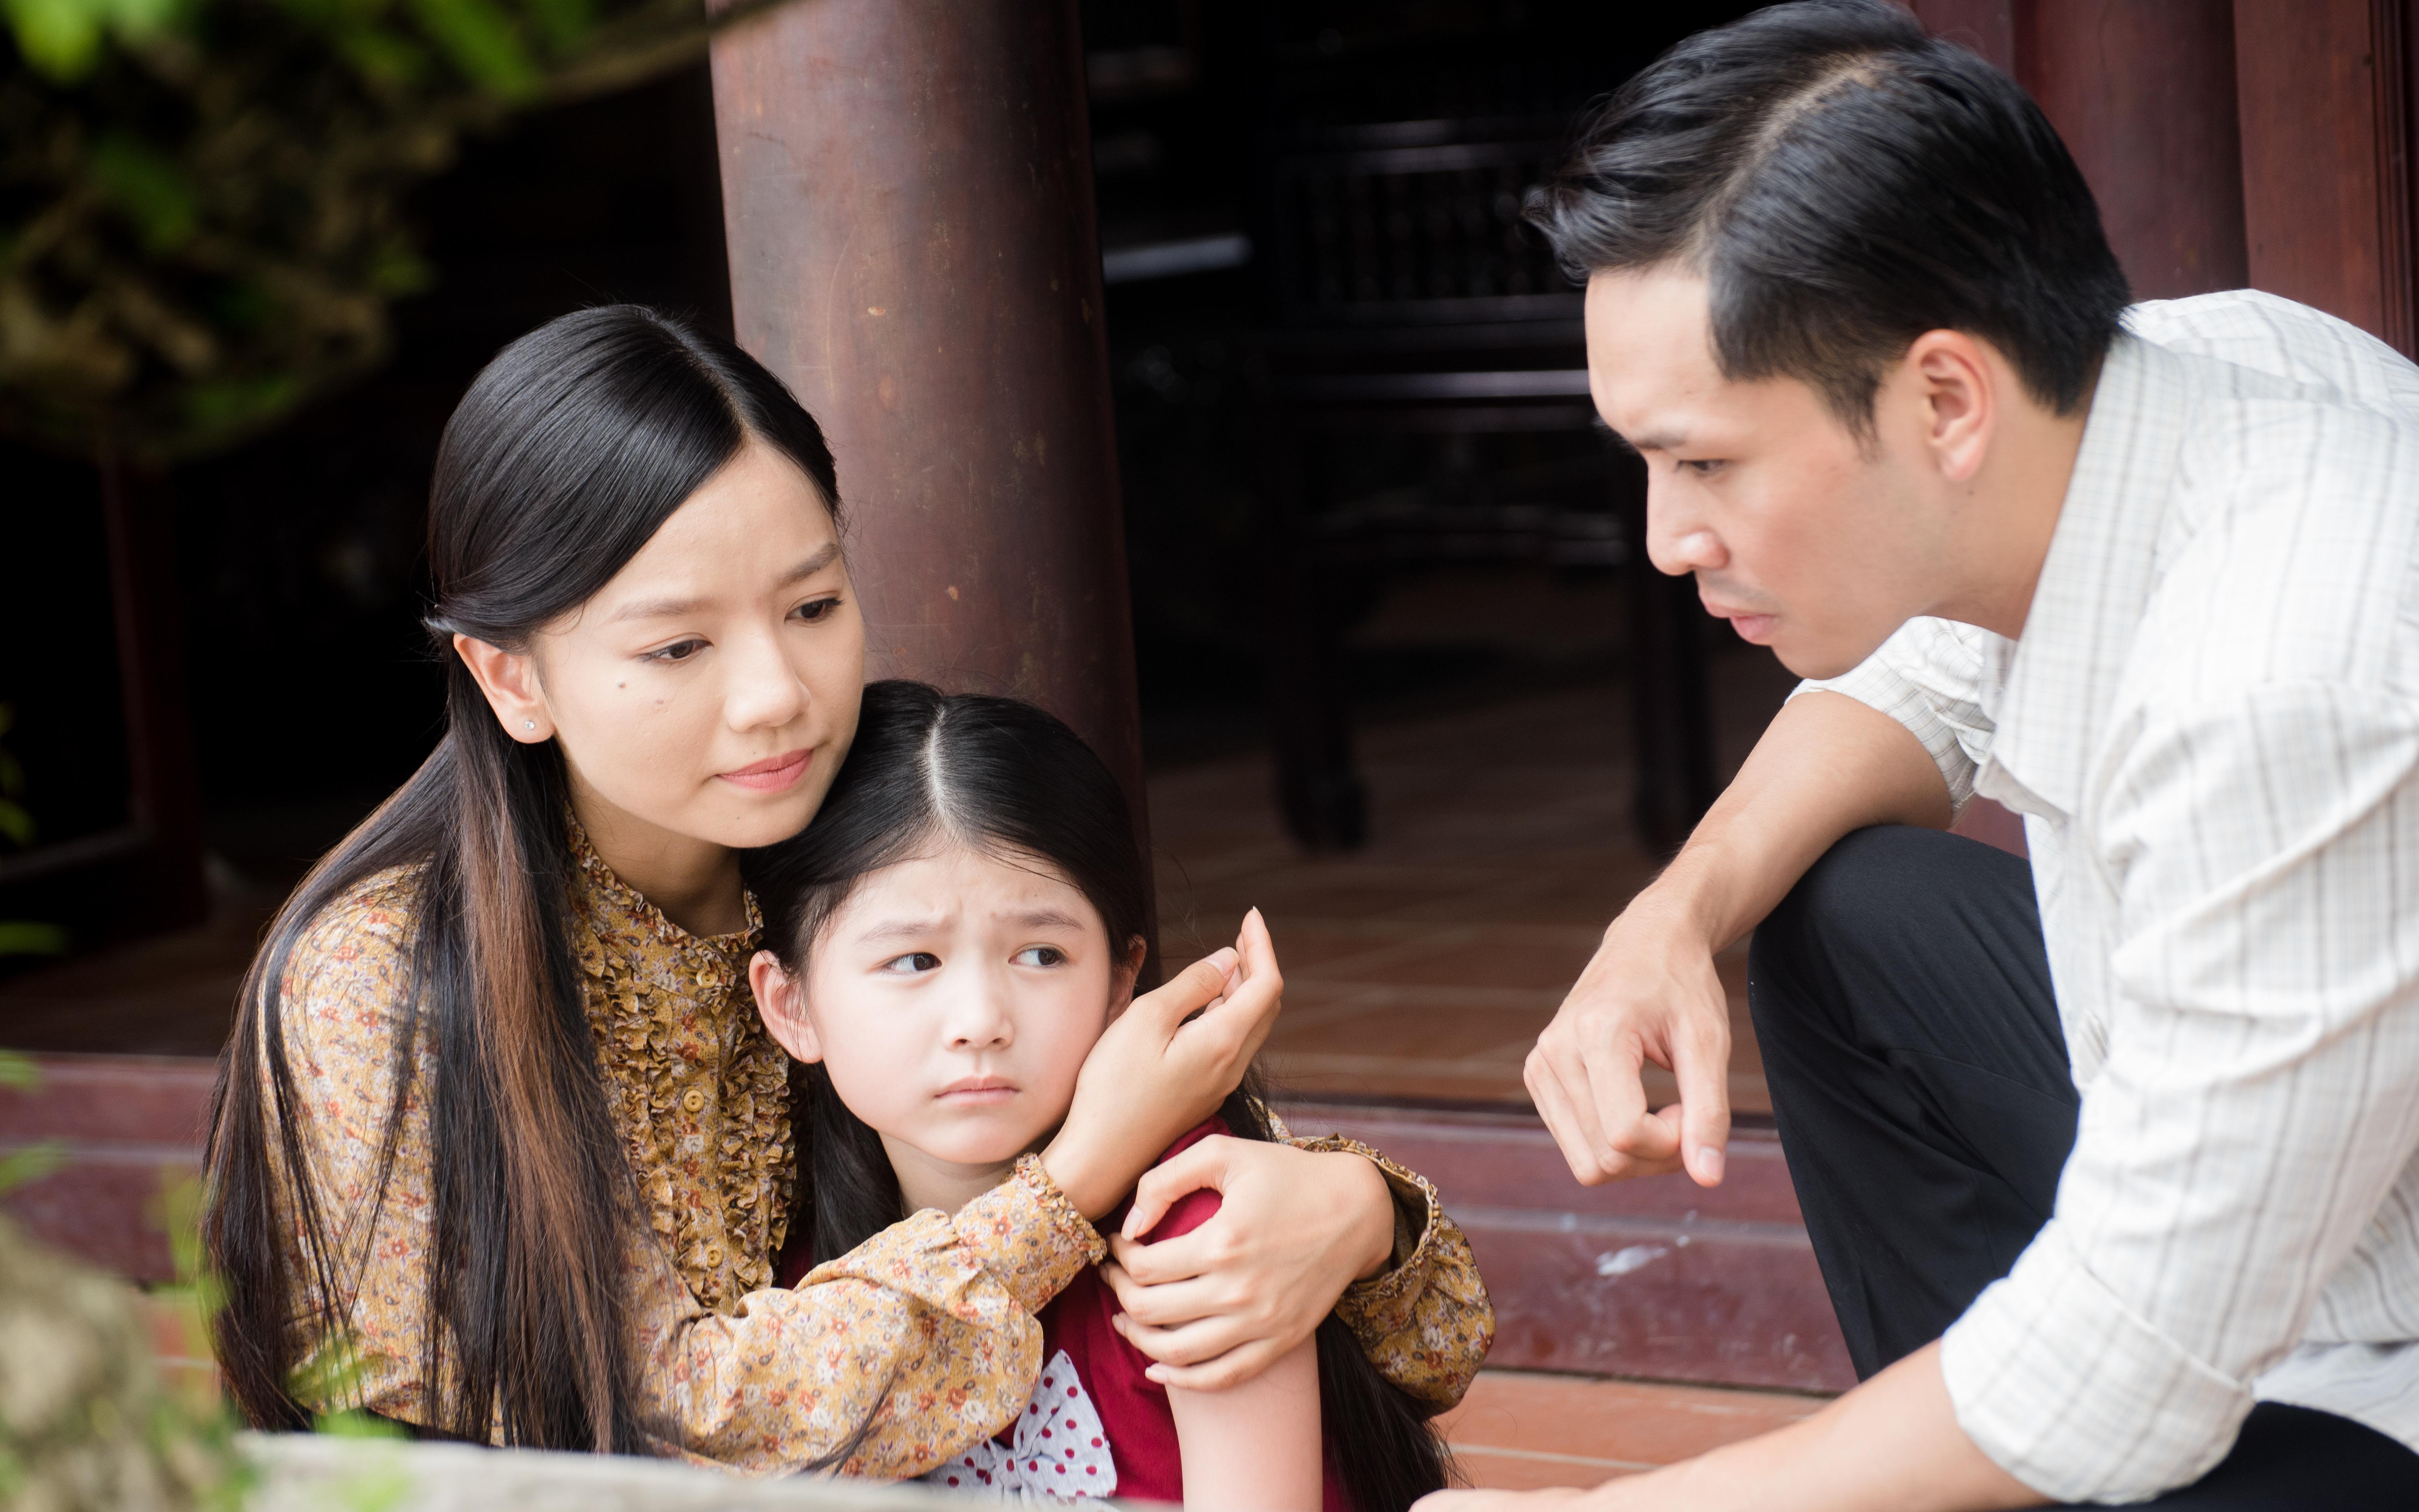 Bạch Công Khanh đóng vai ngu ngốc, hội ngộ Cao Minh Đạt - Lê Hạ Anh trong phim VTV